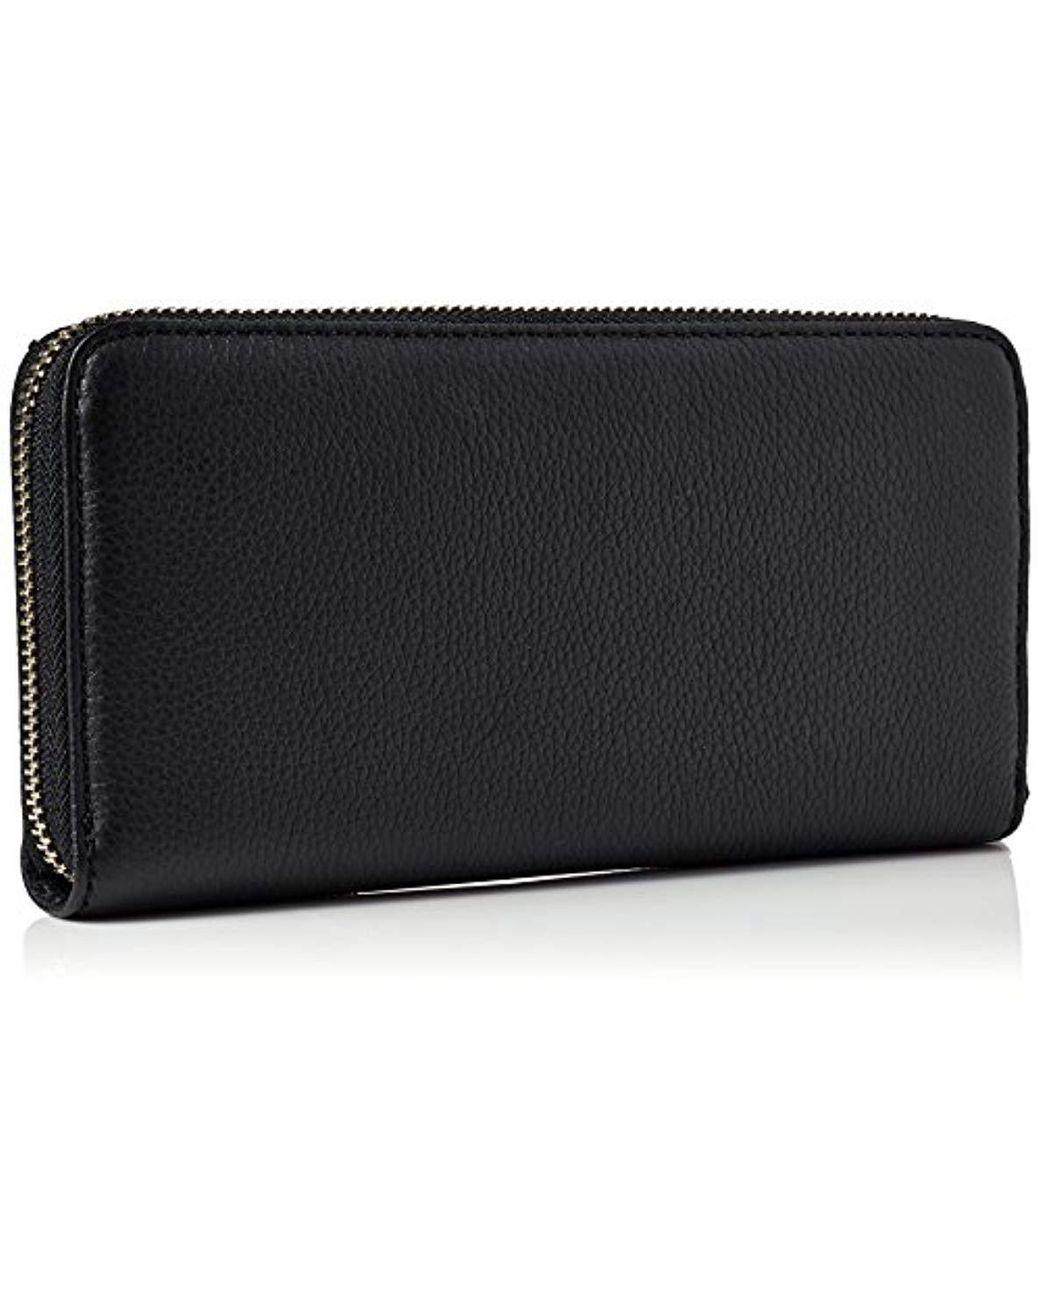 Basic Leather Lrg Za Wallet, Portefeuilles femme de coloris noir